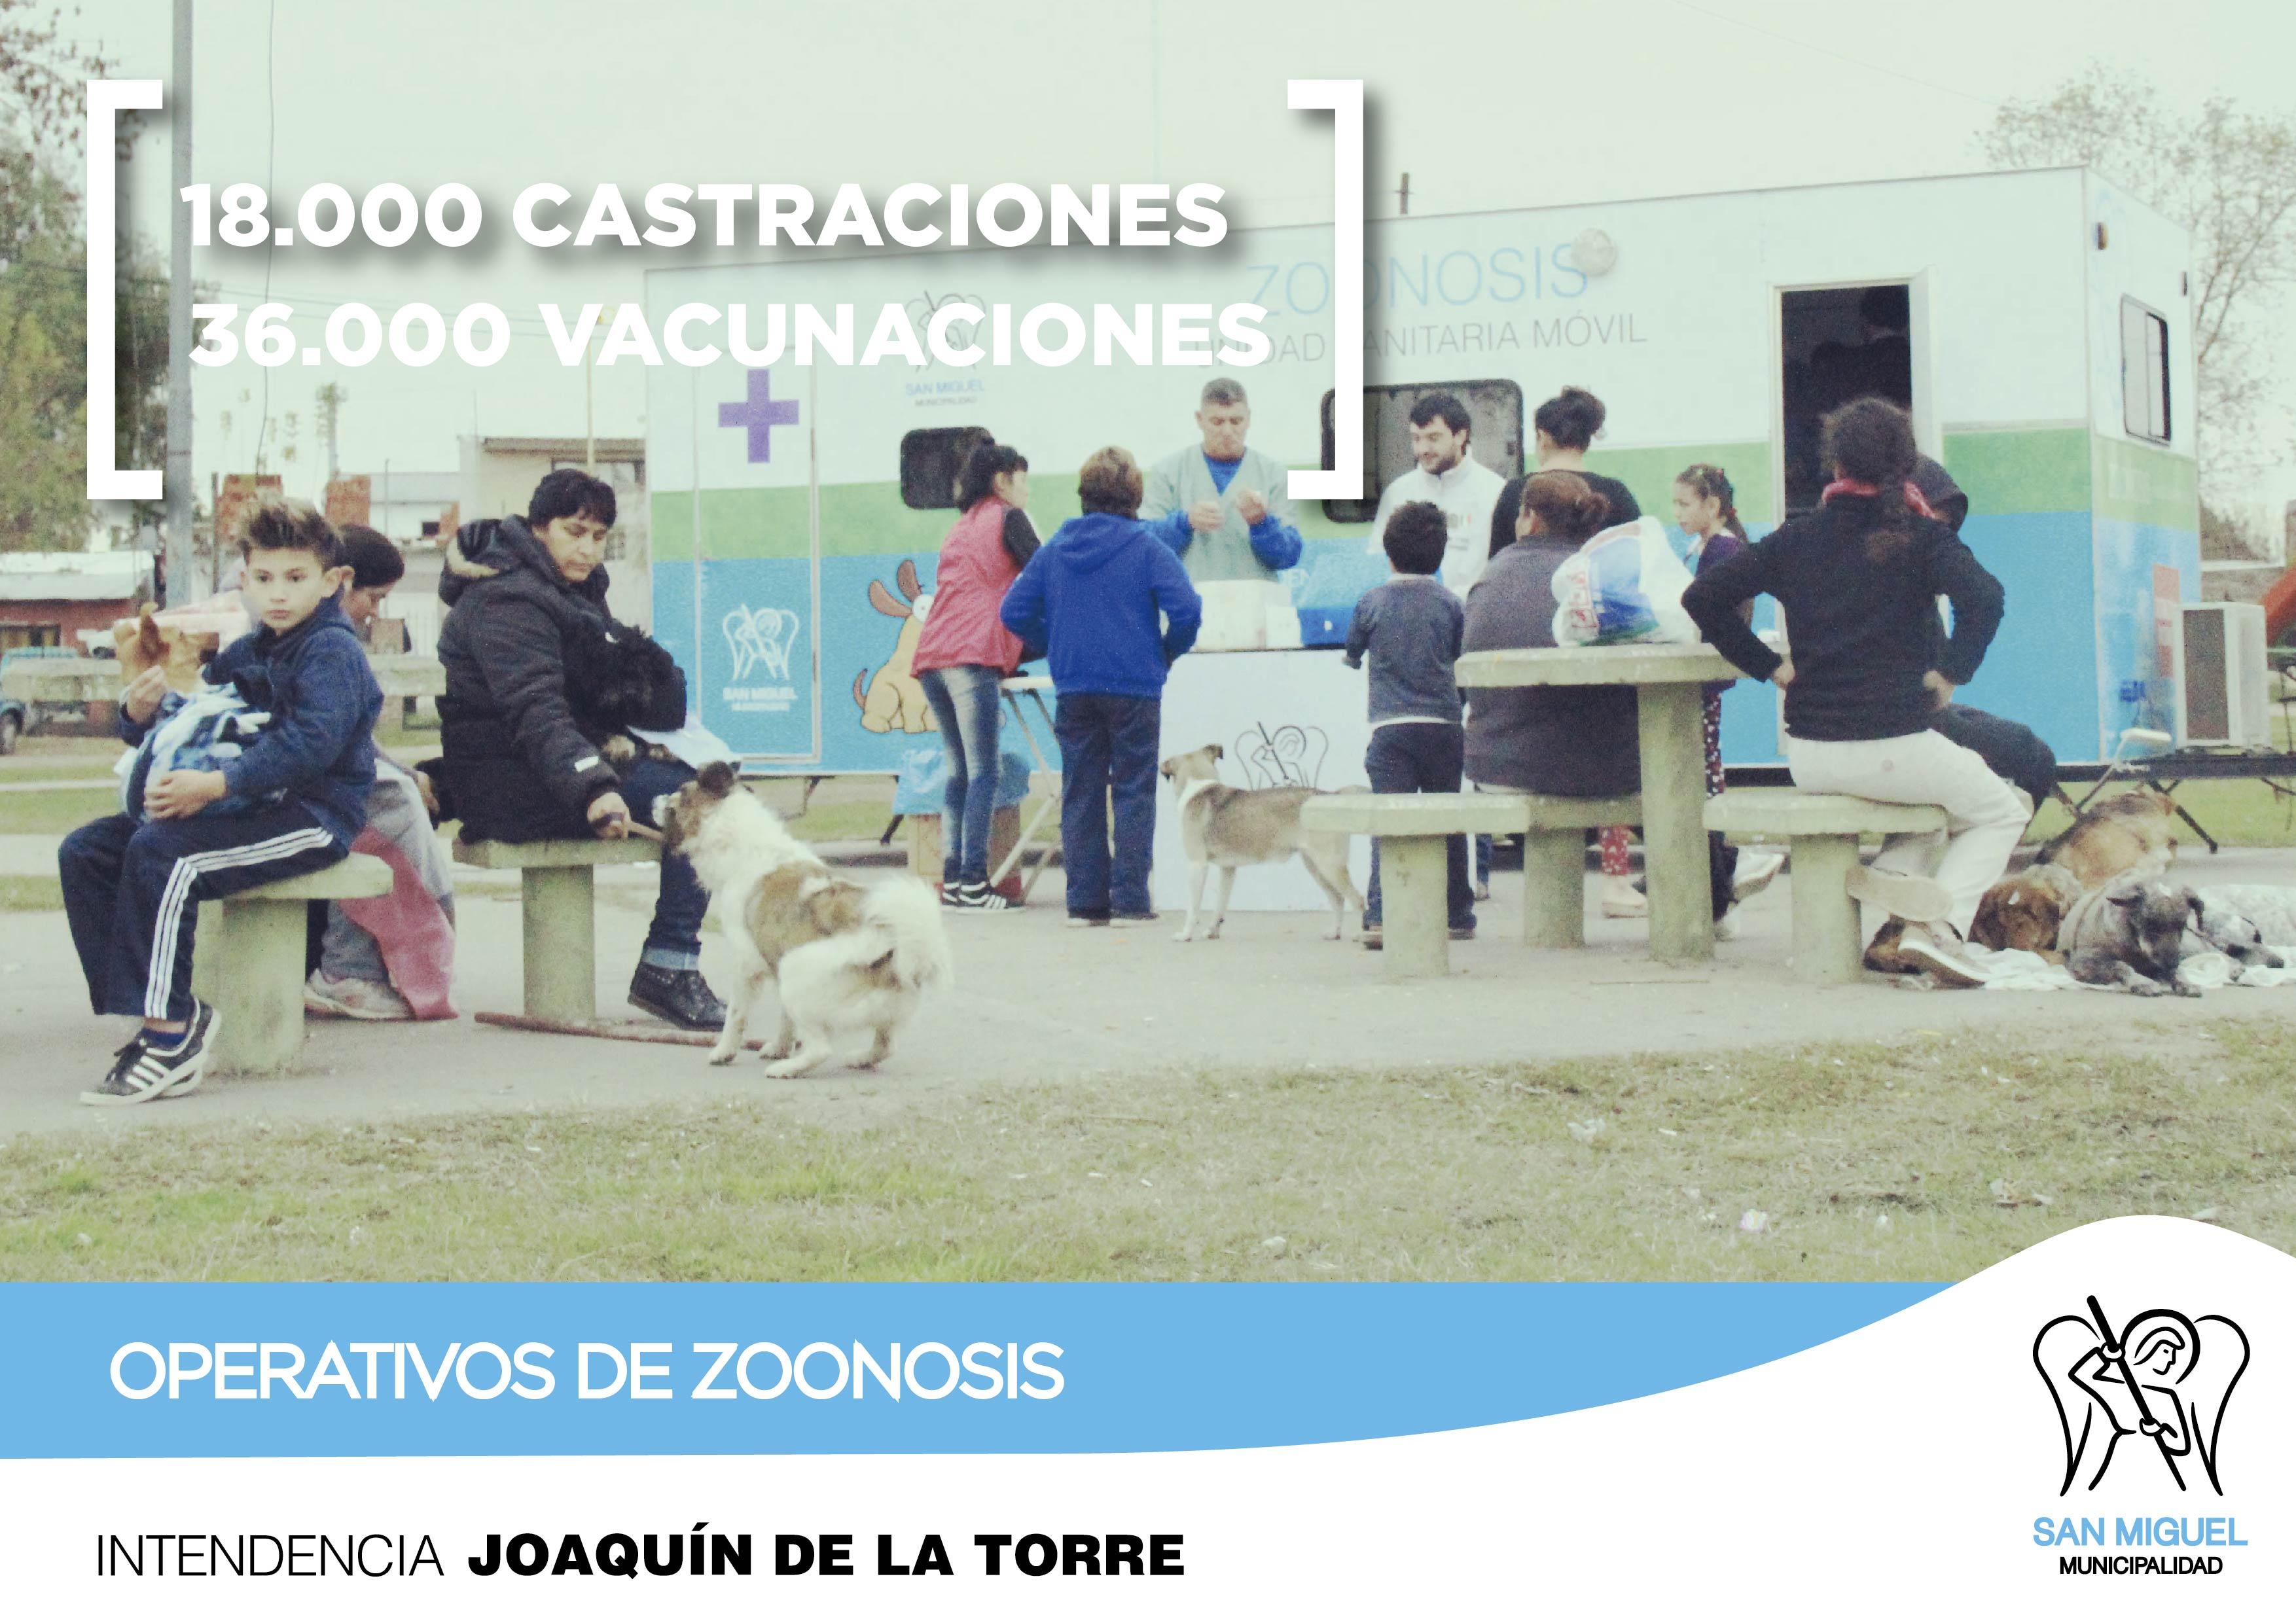 La Municipalidad de San Miguel, a través de Zoonosis, superó las 18.000 castraciones